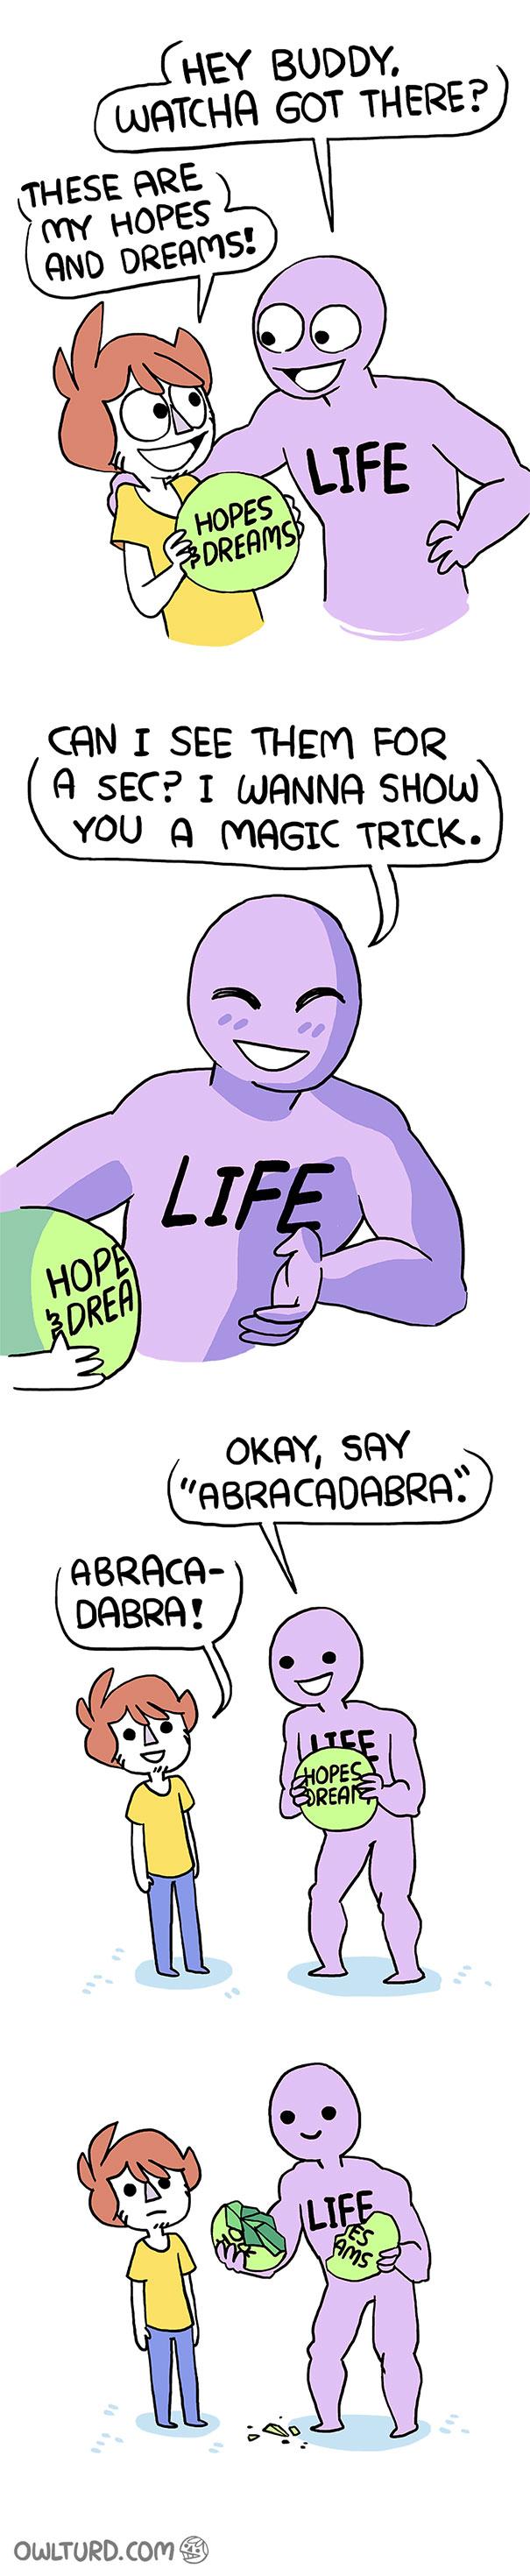 funny-comics-owlturd-comix-adulthood-life-shenanigansen-6